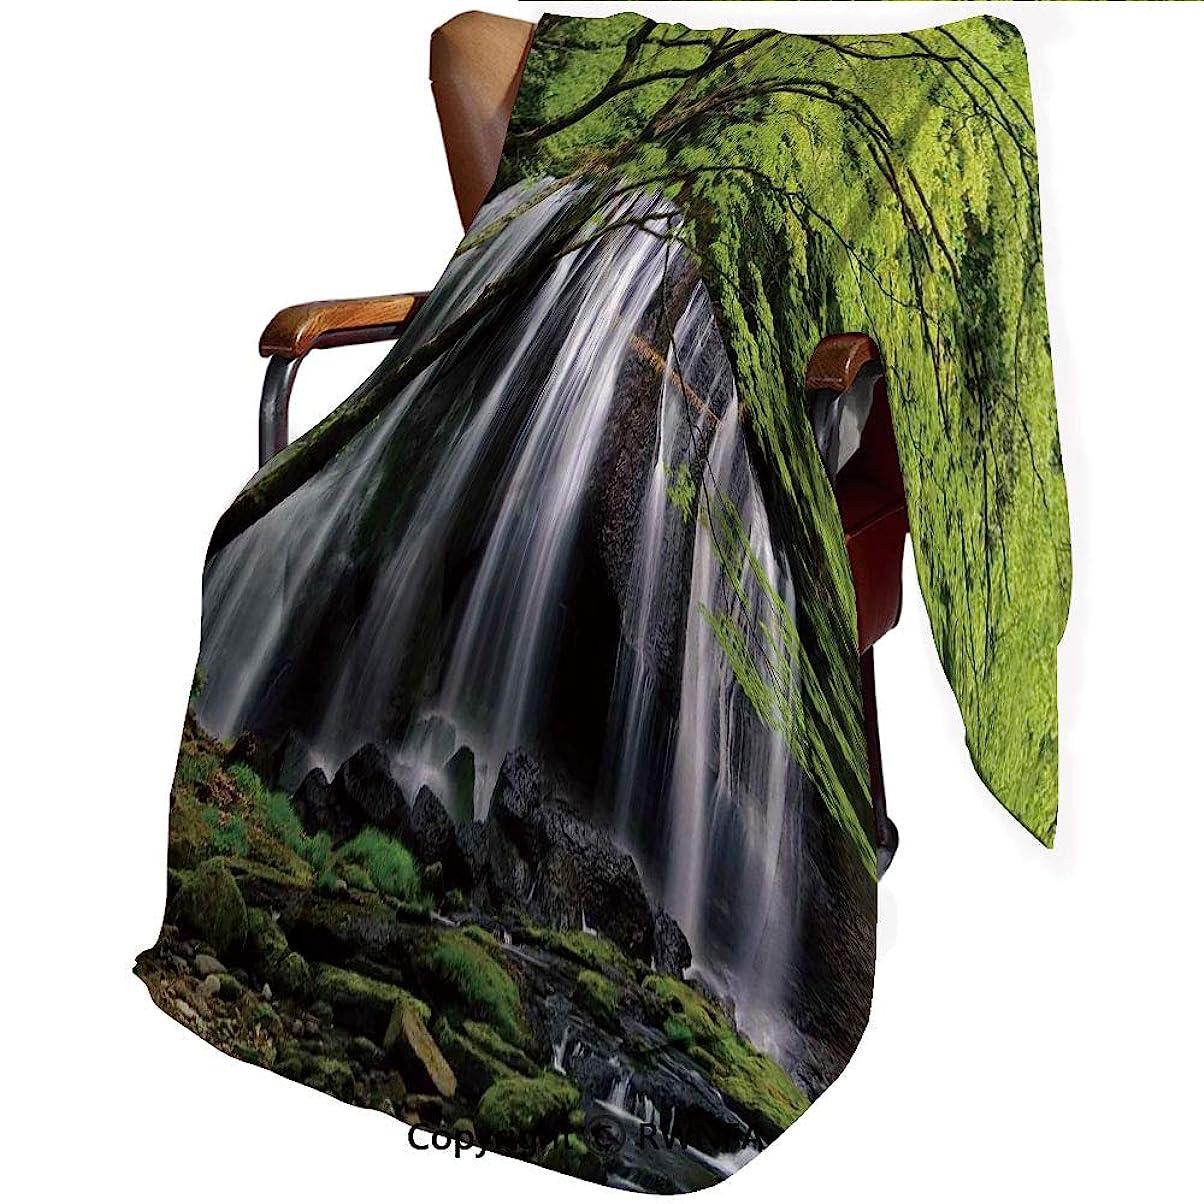 暴徒入り口パッド印刷者 毛布 シングル ネイビー マイヤー毛布 黒い岩と緑の木々に囲まれた複数の滝 黒白と緑 毛布 フランネル 春夏秋冬適用 ふわふわ 柔らかい 軽くて暖かい 静電気防止 洗濯可能 140*200cm